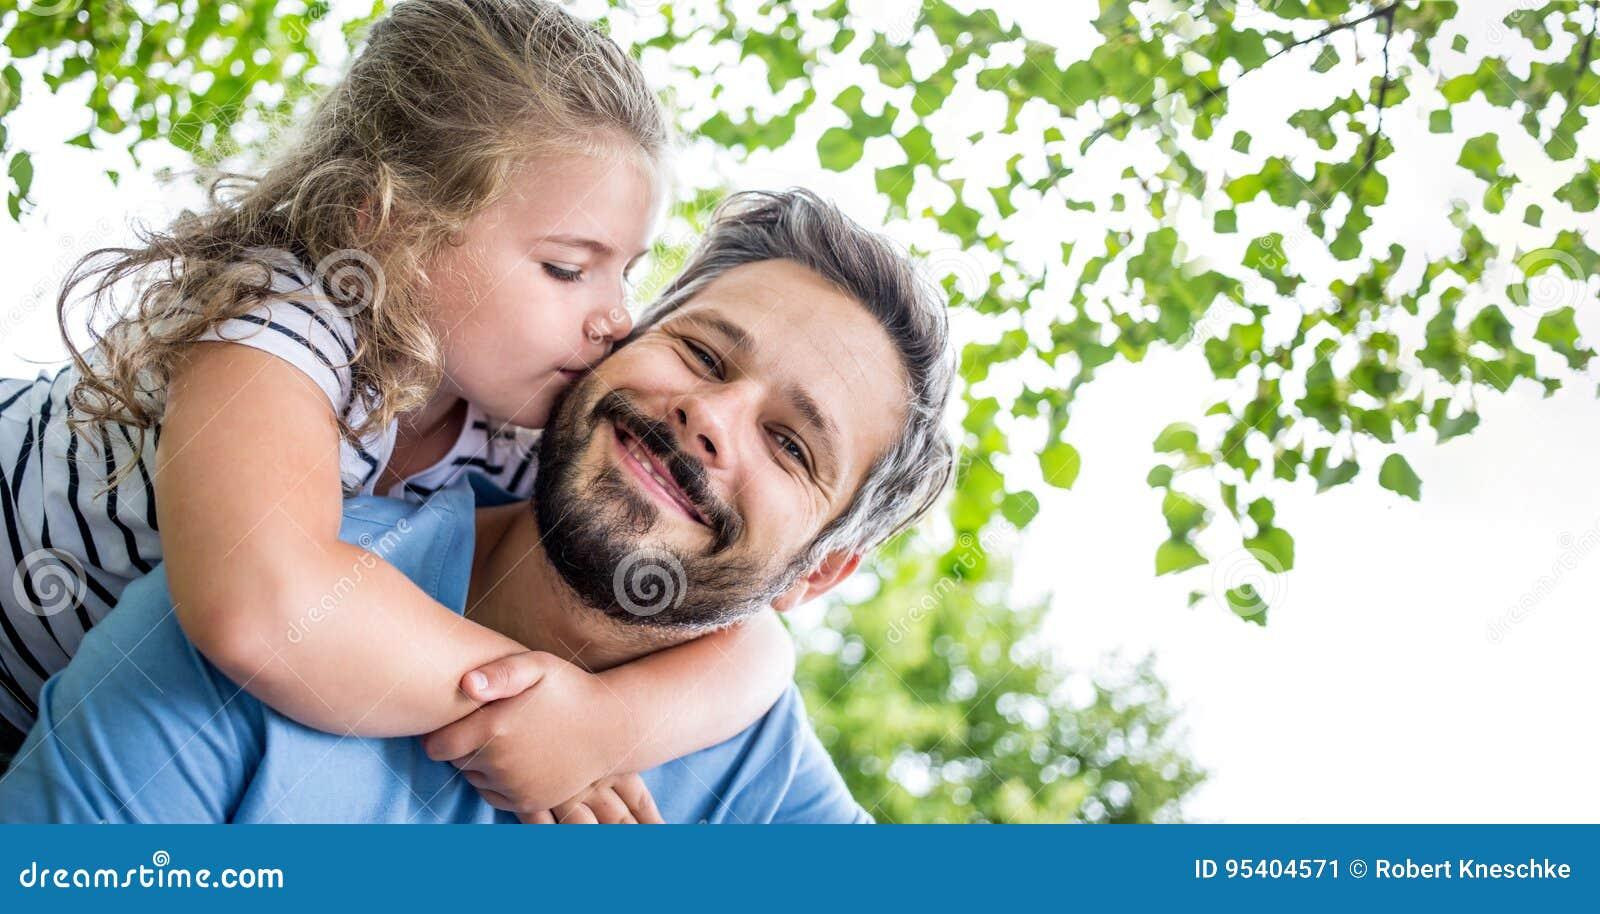 Daugther dà al padre un bacio